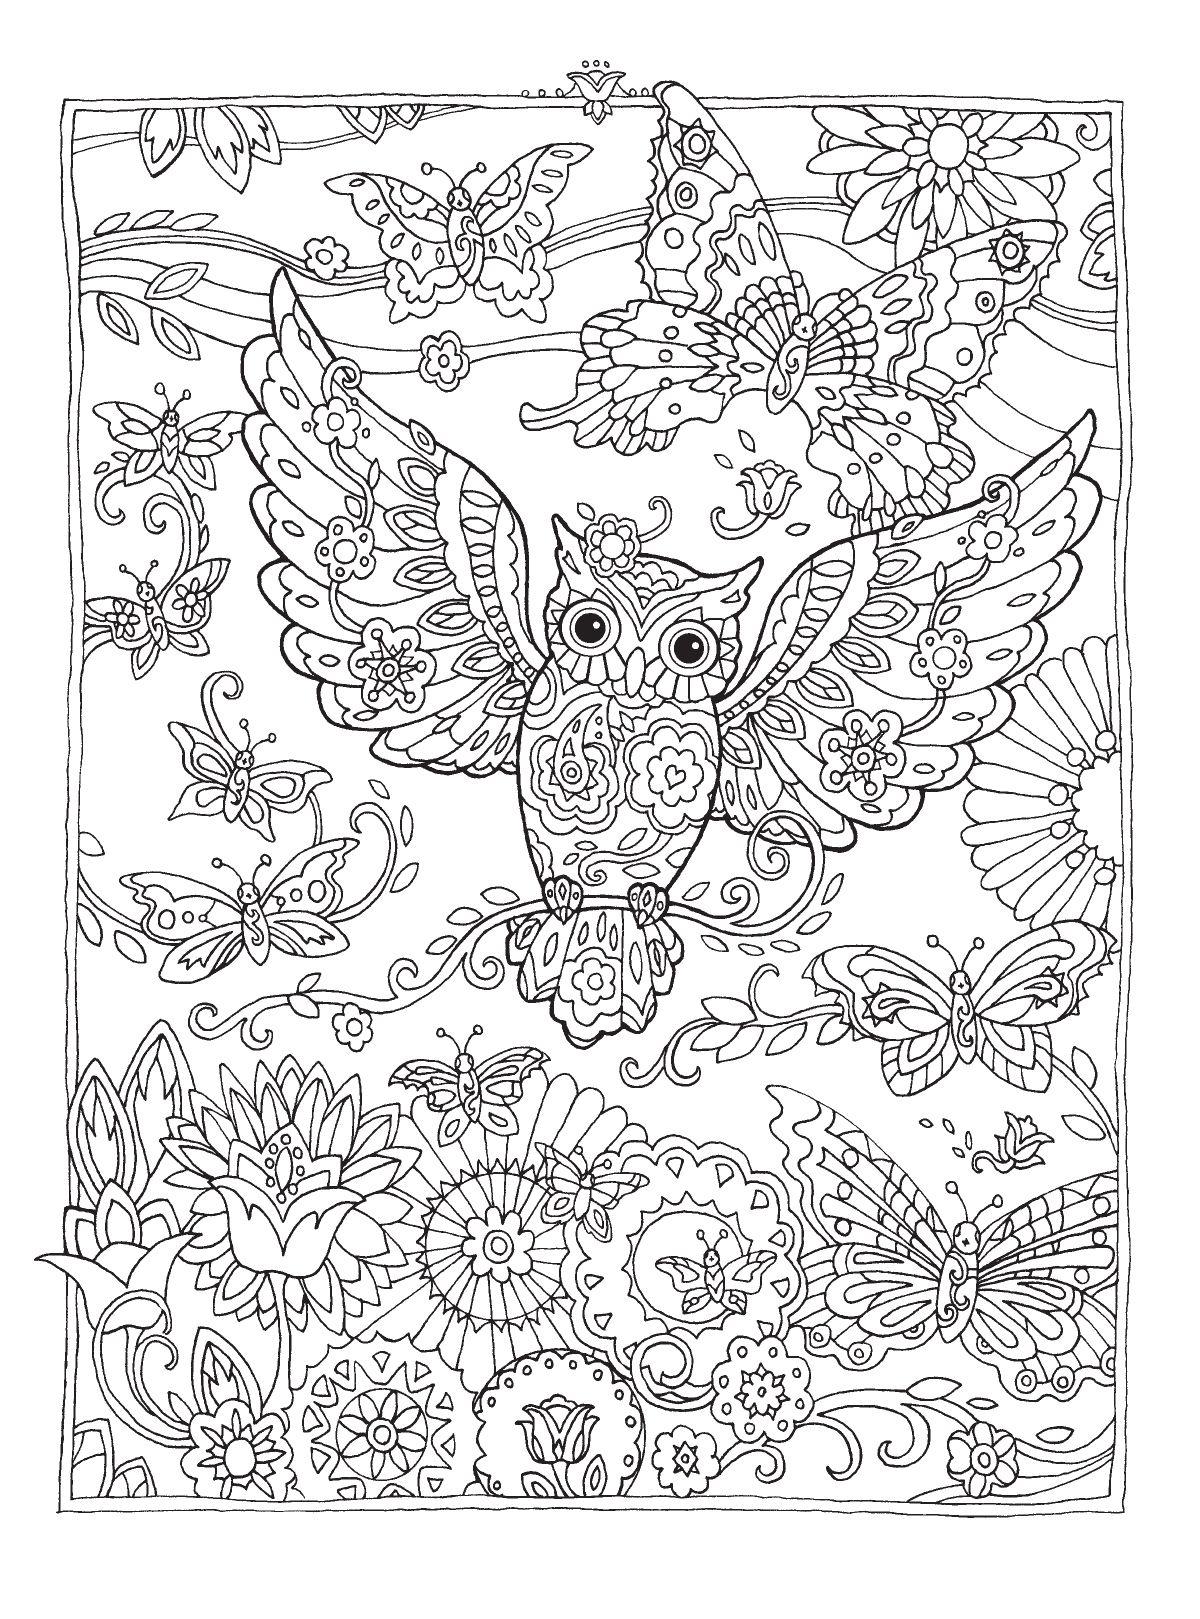 раскраска сова антистресс с цветочками | Раскраски ...